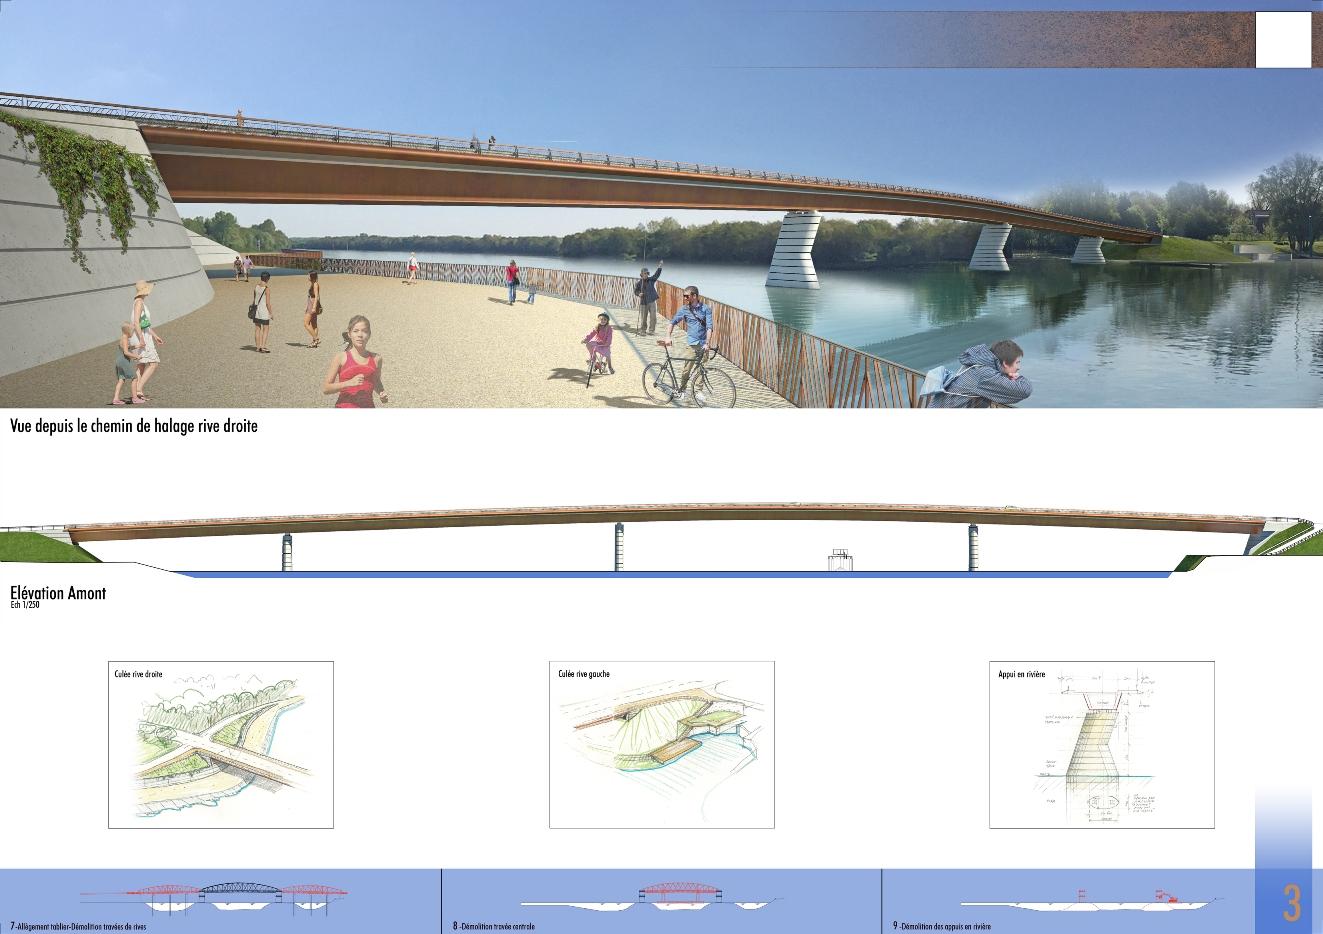 reconstruction du pont de fleurville